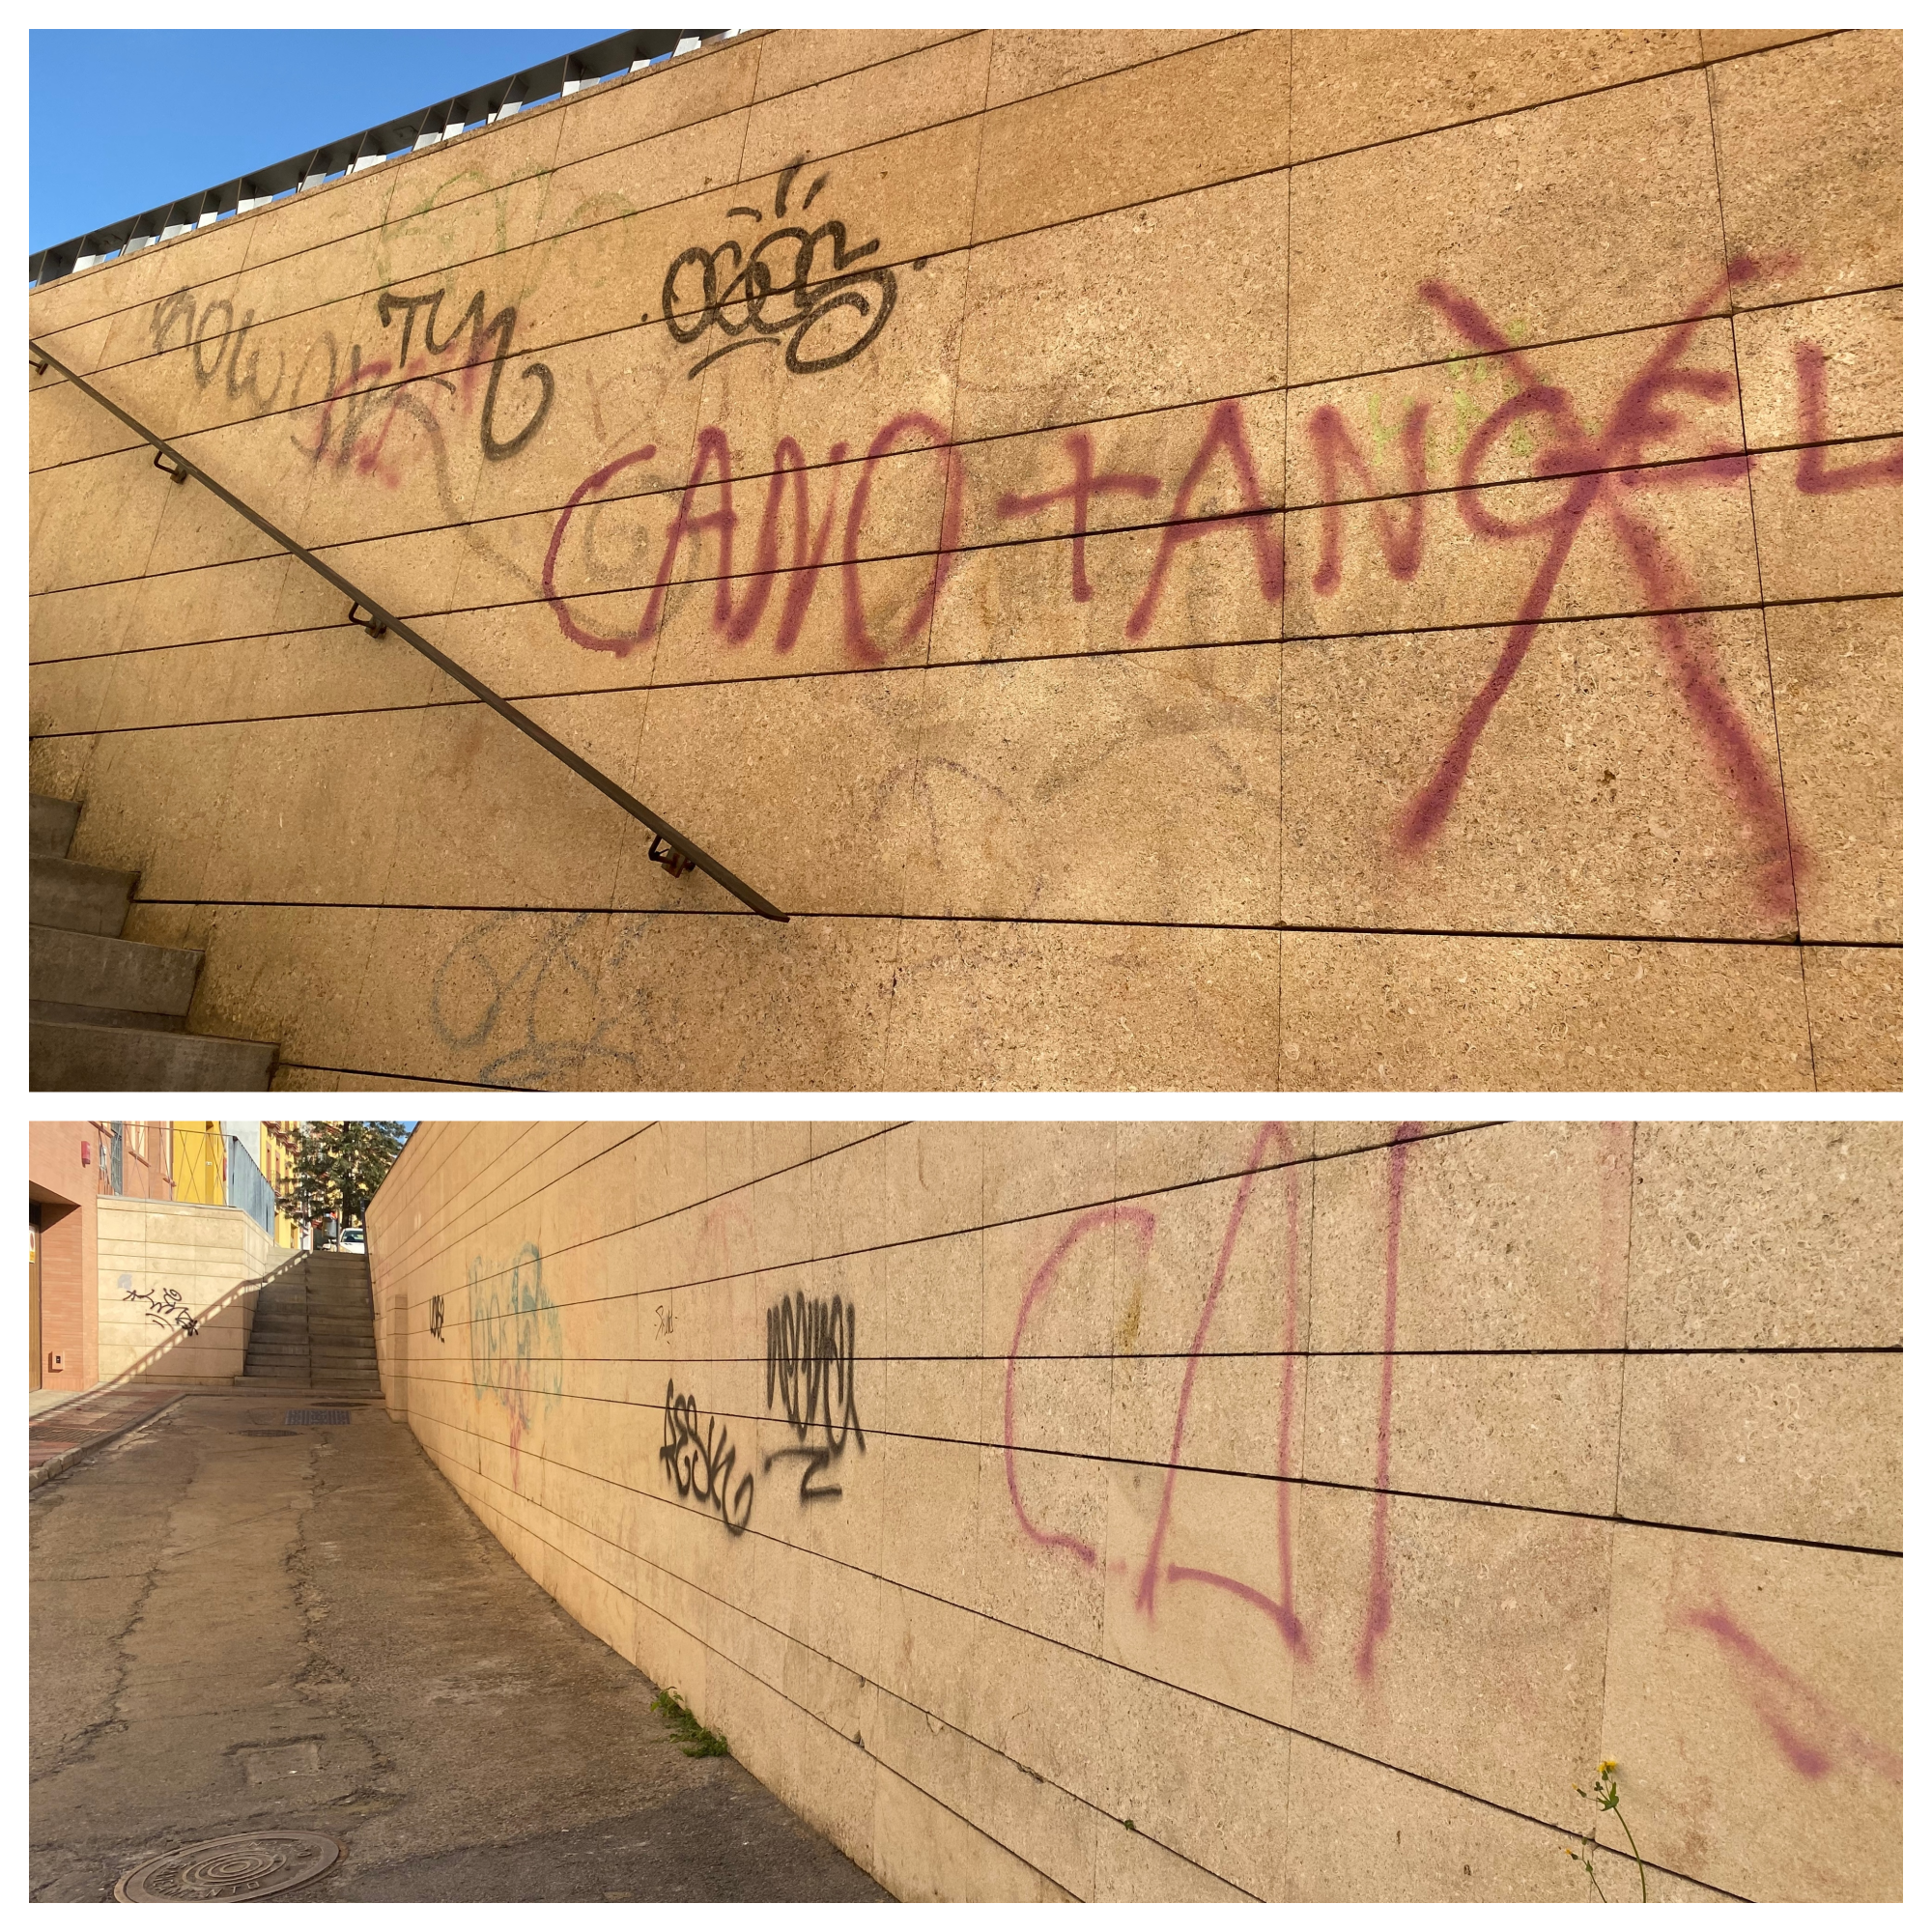 eliminacion graffitis alcala de guadaira